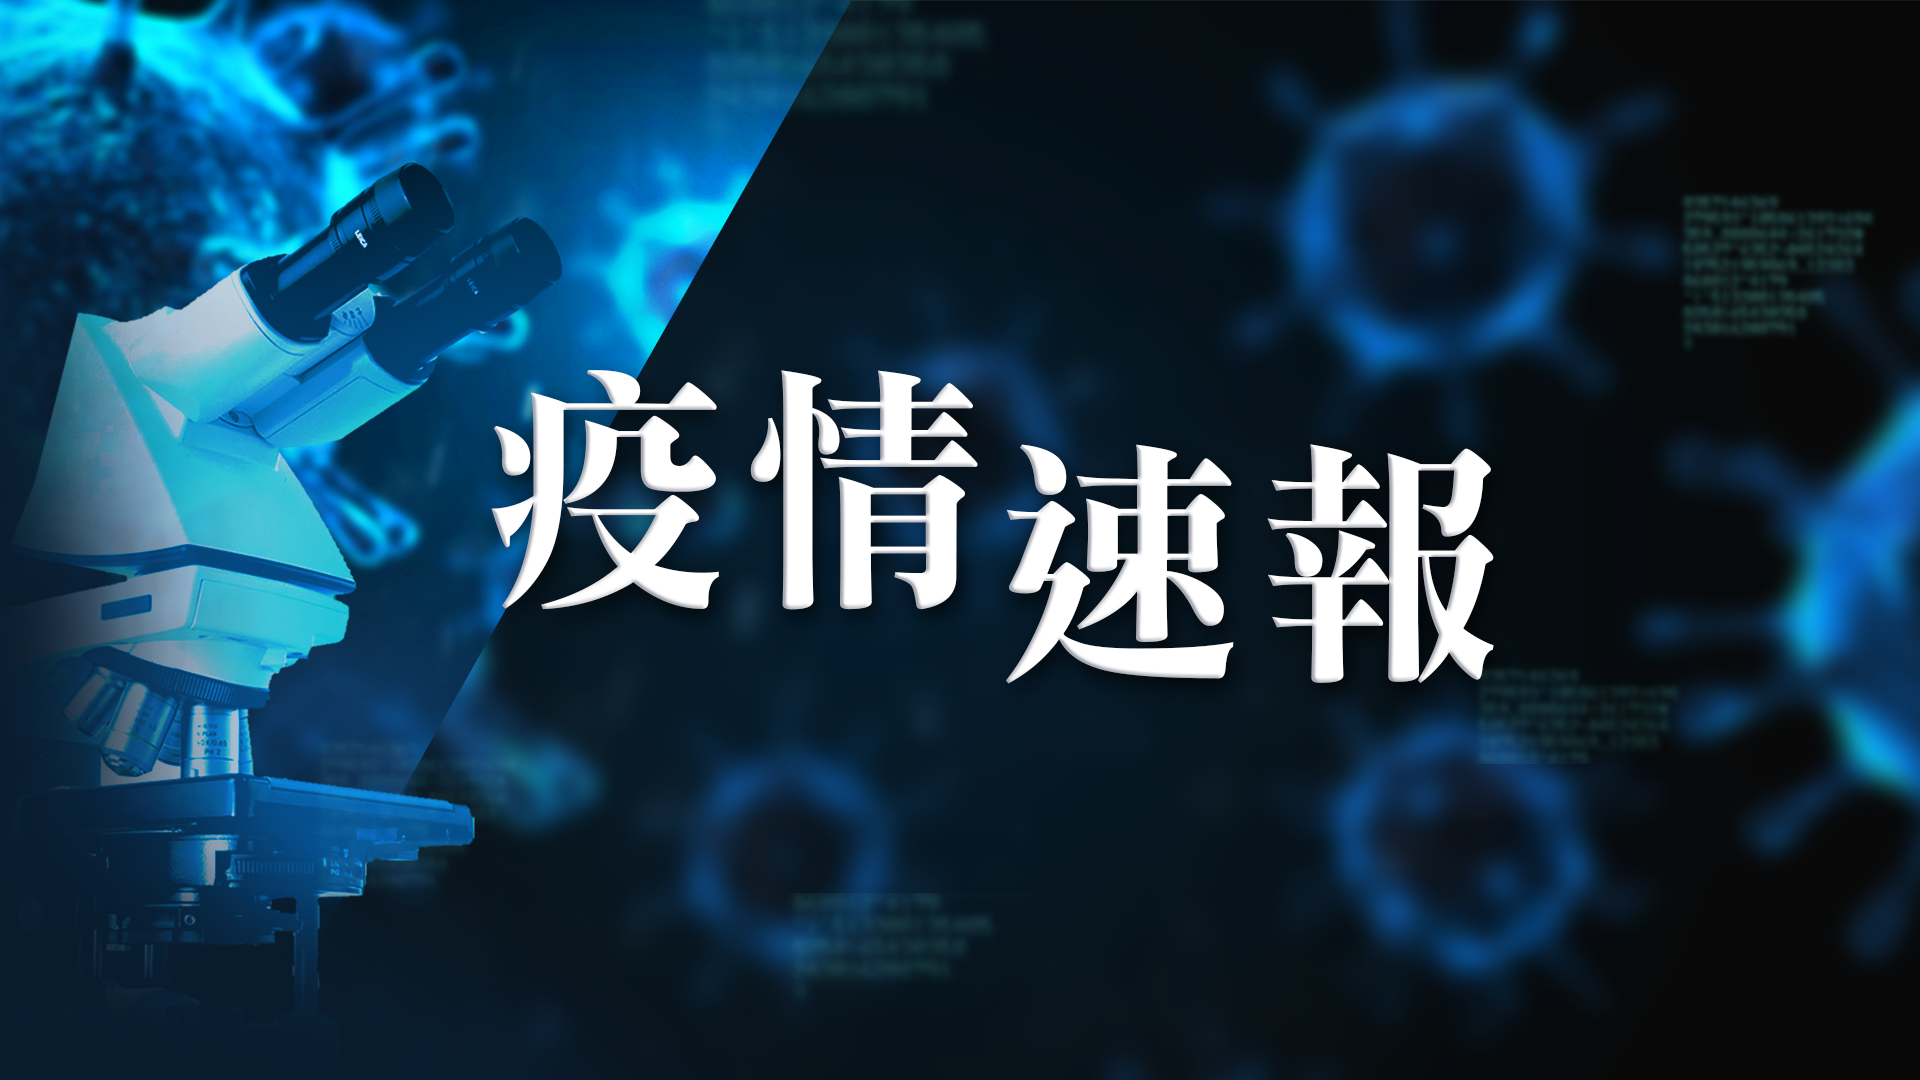 【9月25日疫情速報】(23:05)